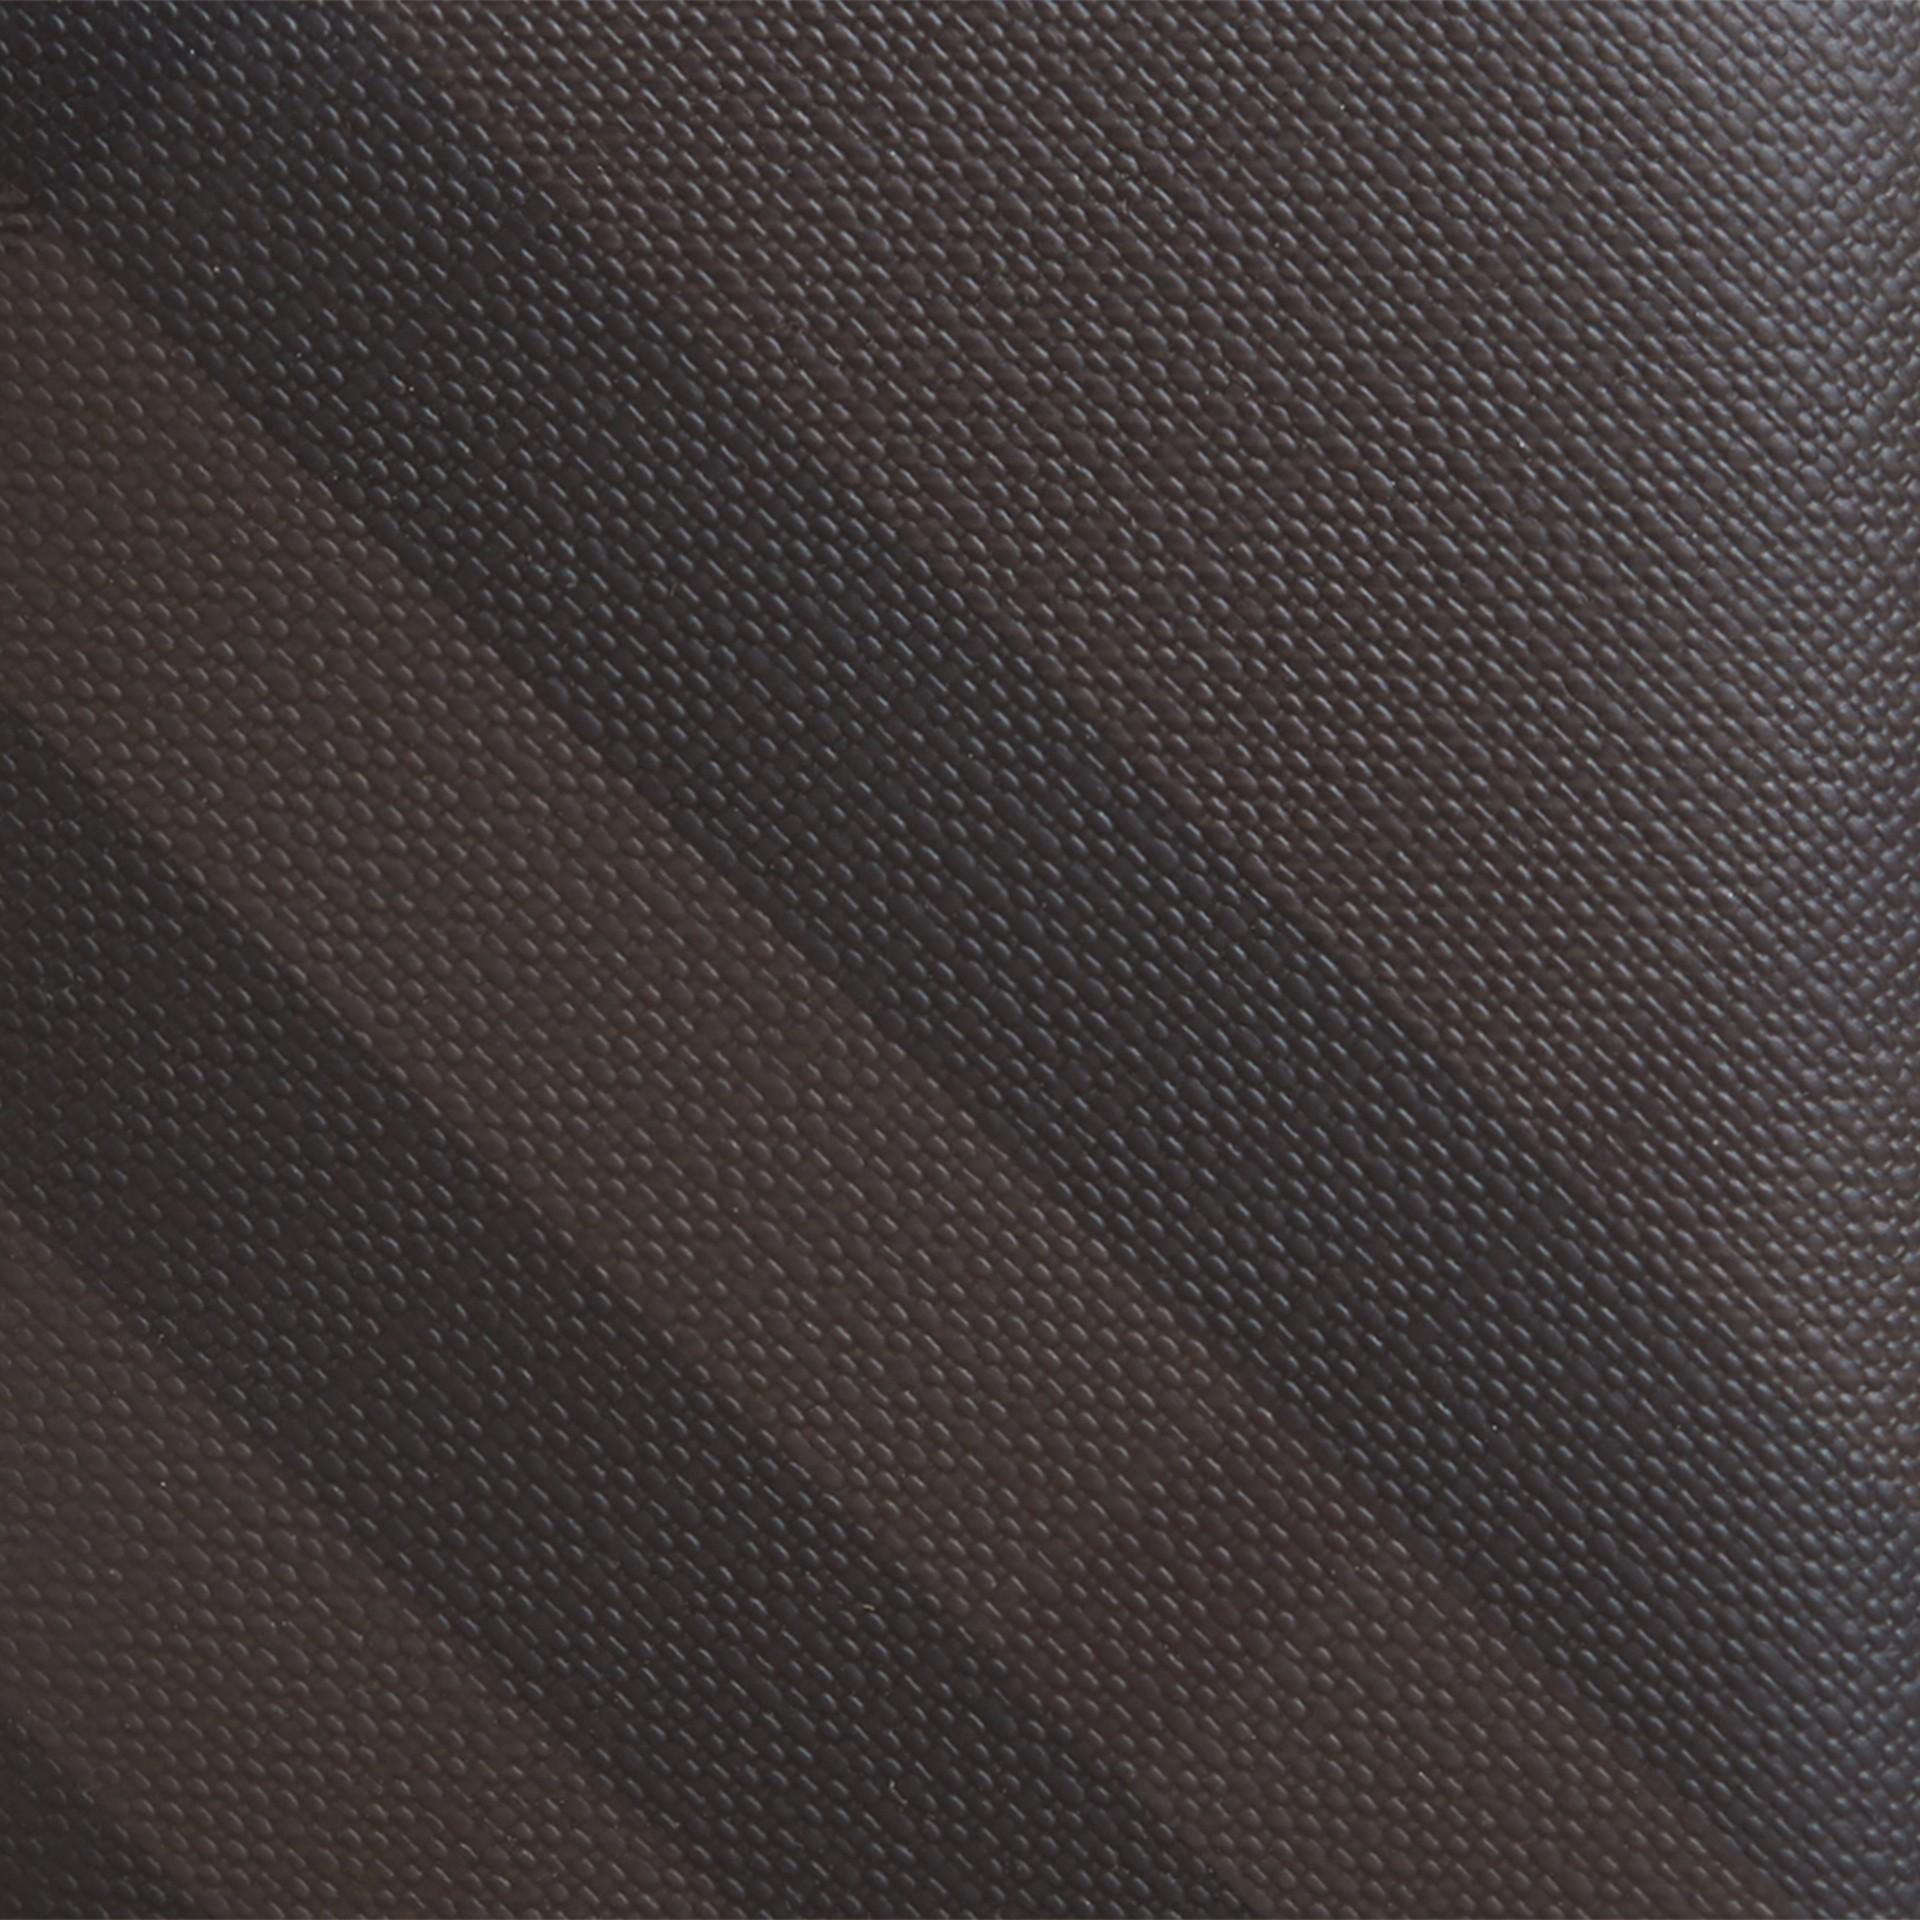 초콜릿/블랙 스모크 체크 아이디 지갑 초콜릿/블랙 - 갤러리 이미지 2